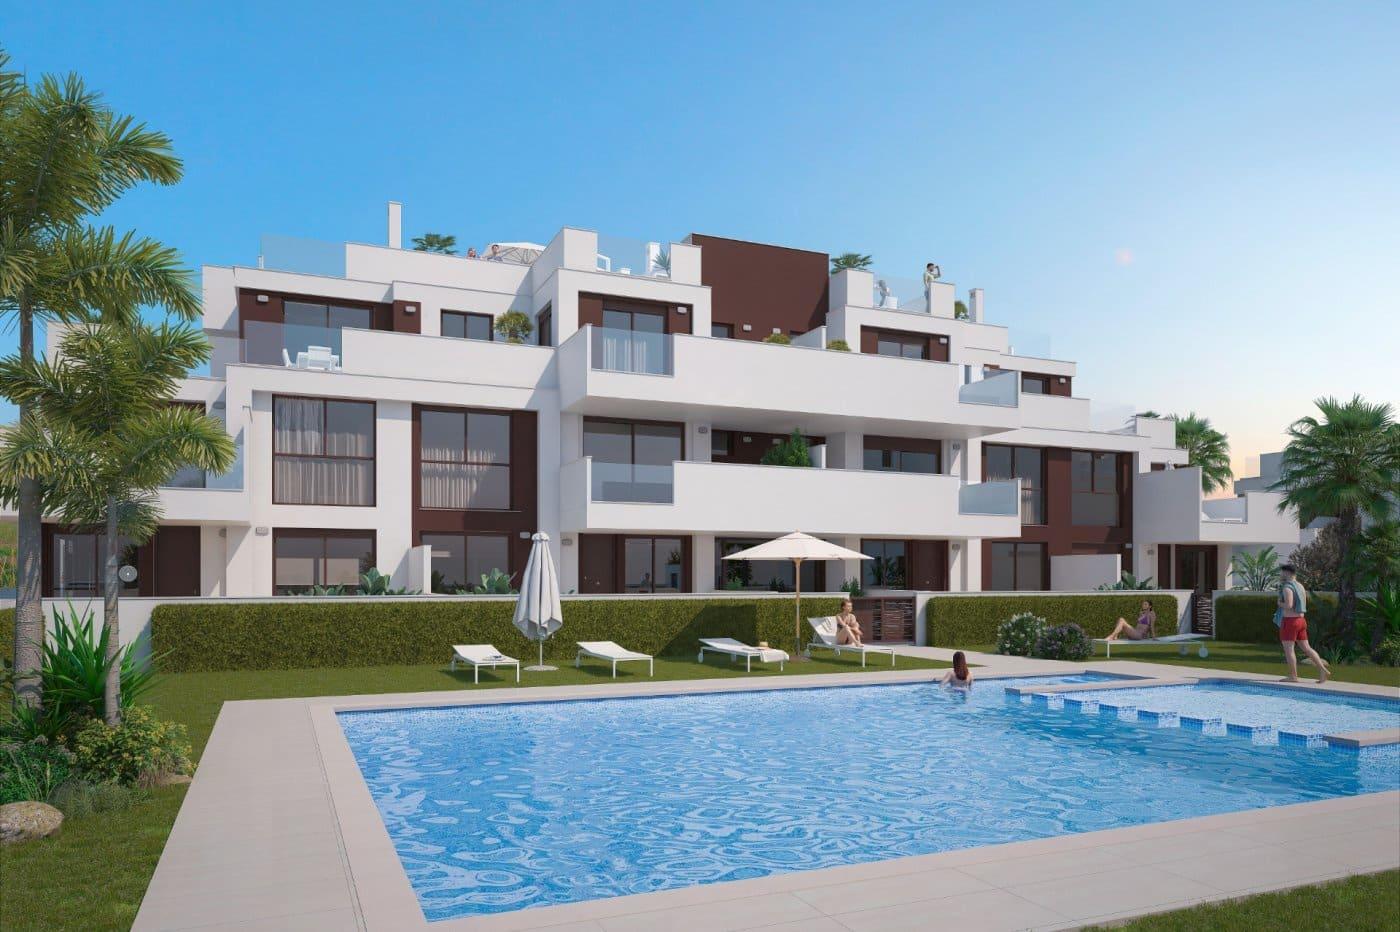 Apartamento de 2 habitaciones en Pilar de la Horadada en venta con piscina garaje - 185.900 € (Ref: 4979393)